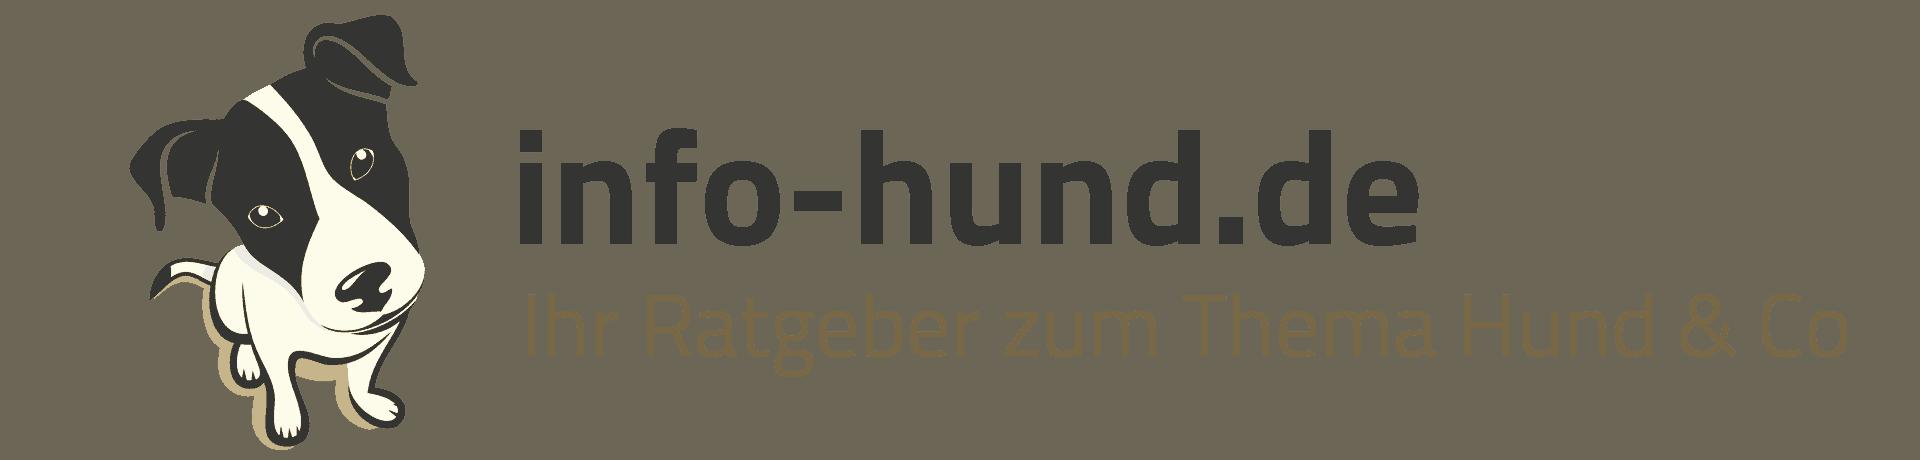 info-hund.de